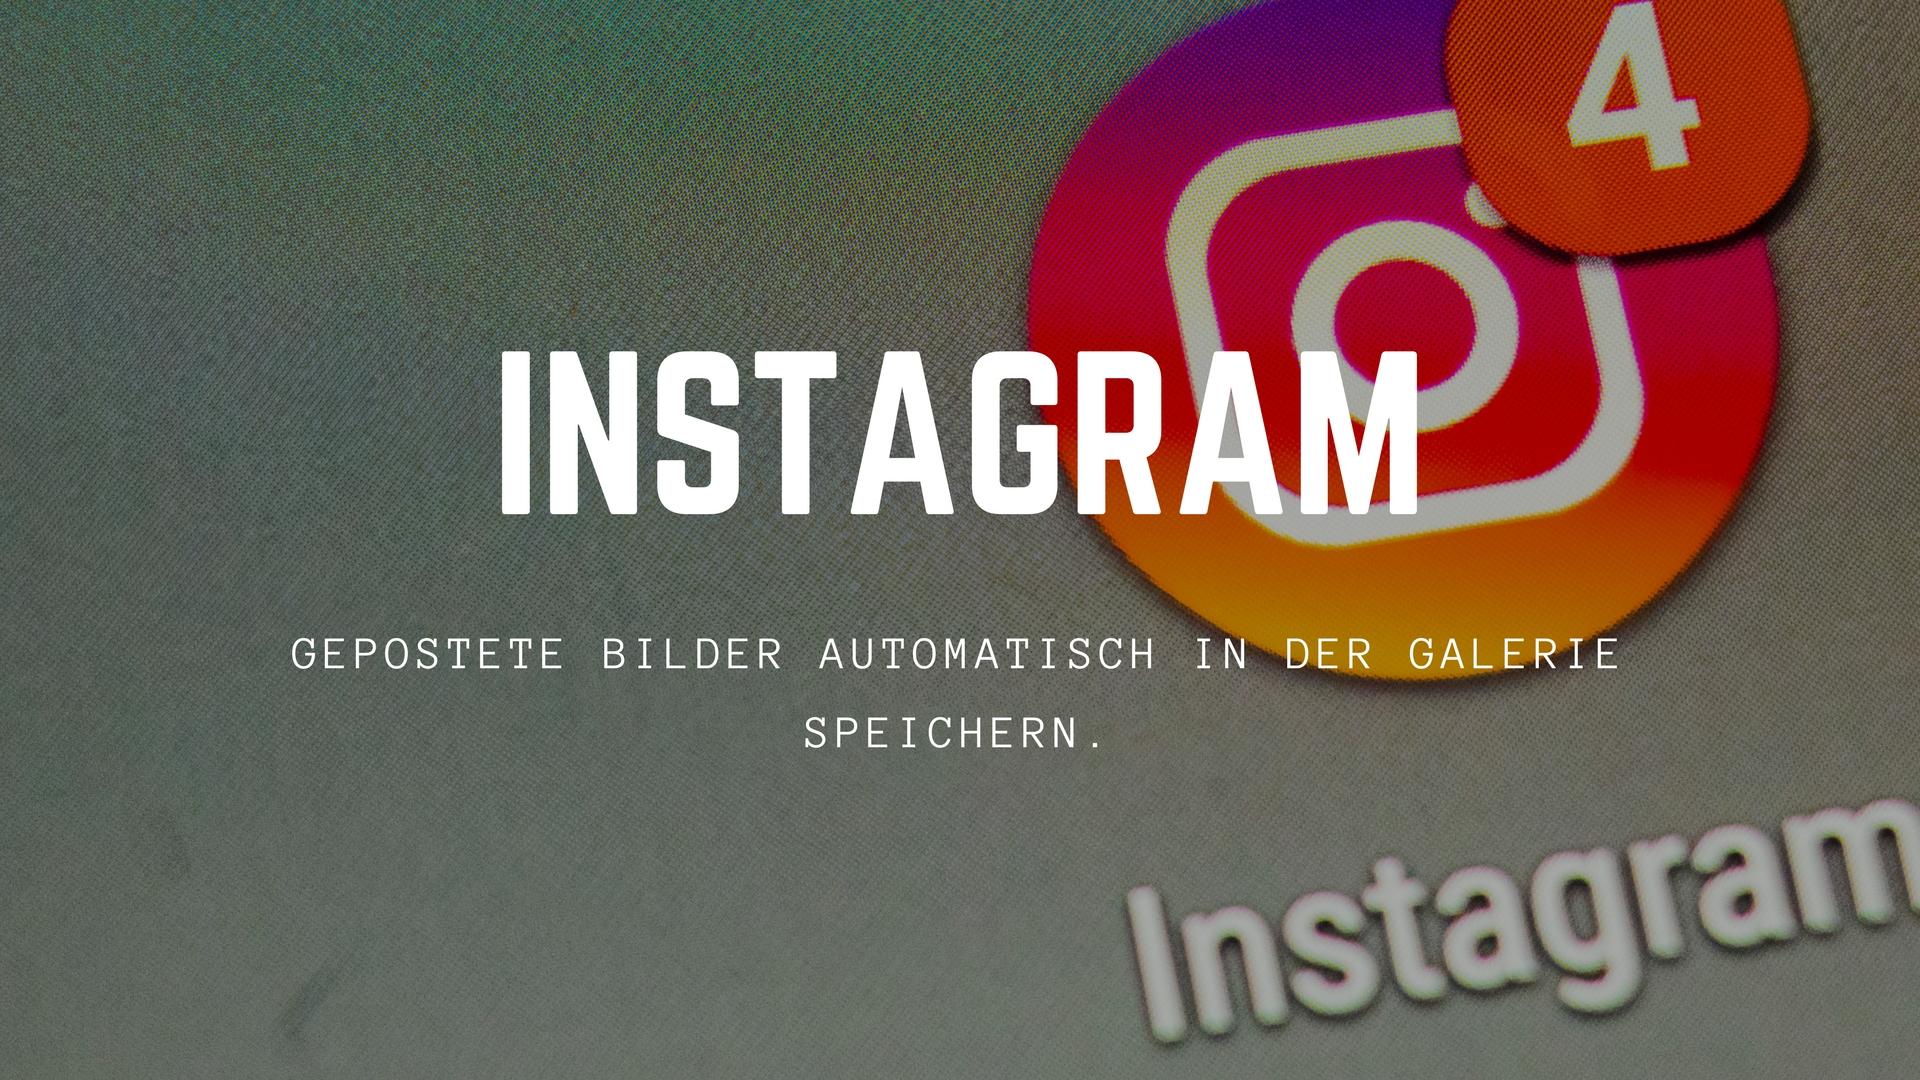 instagram-gepostete-bilder-speichern